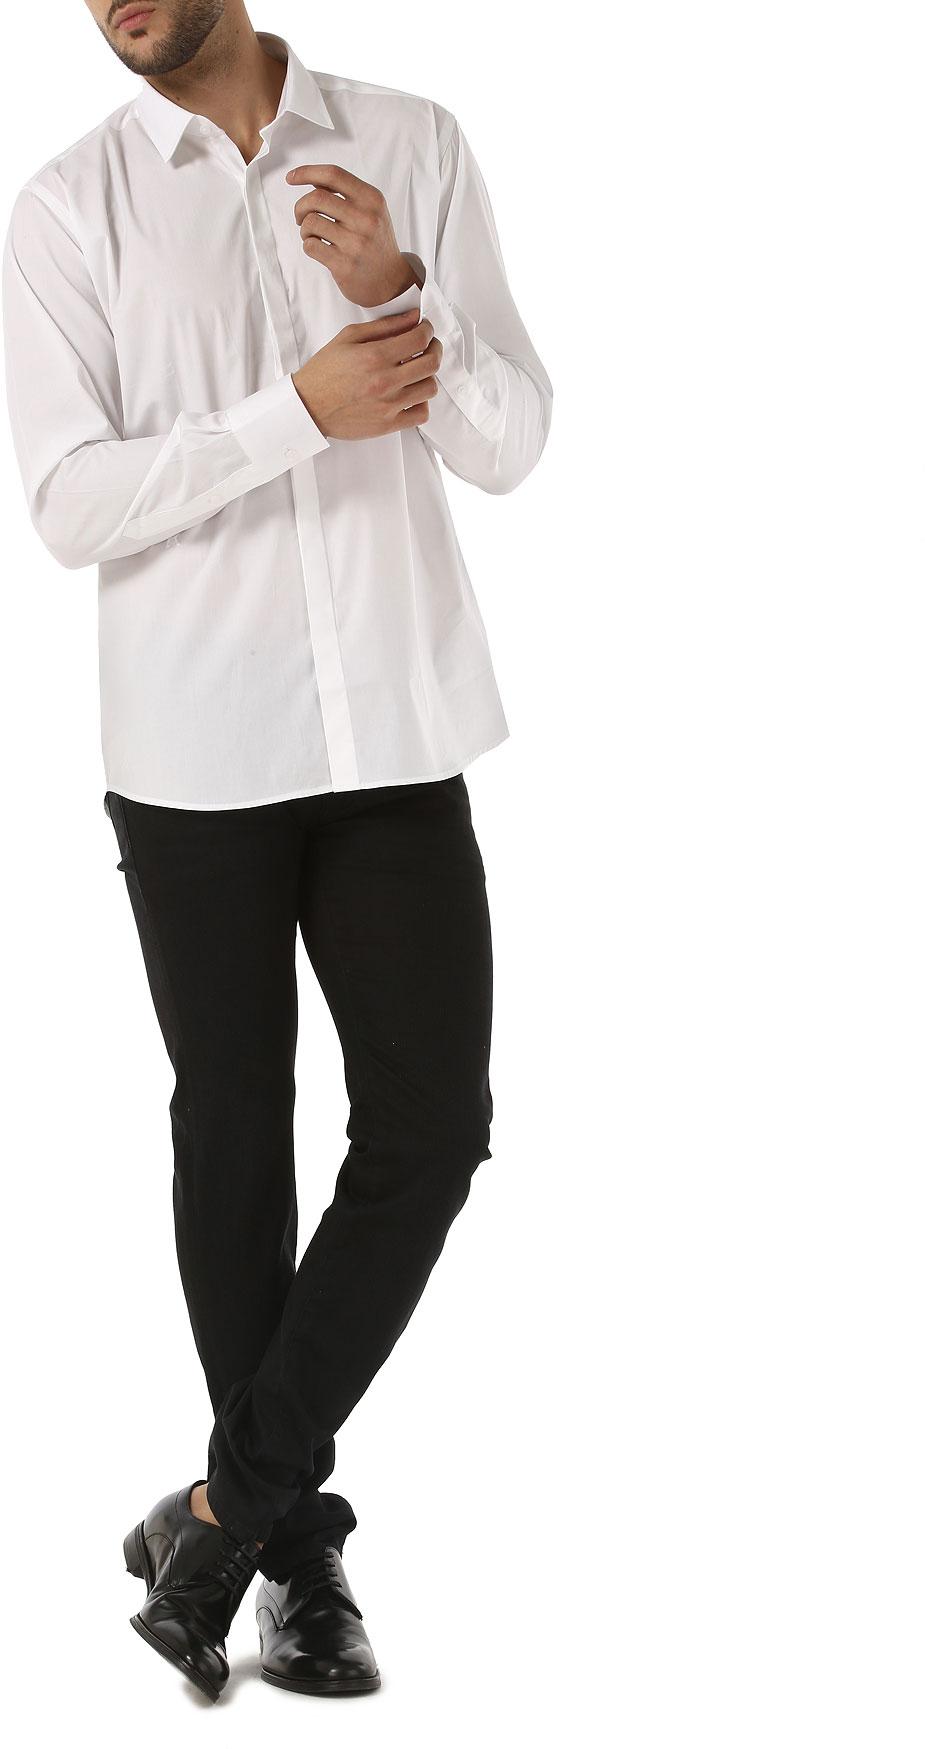 Abbigliamento Uomo Karl Lagerfeld Codice Articolo 557-609-600